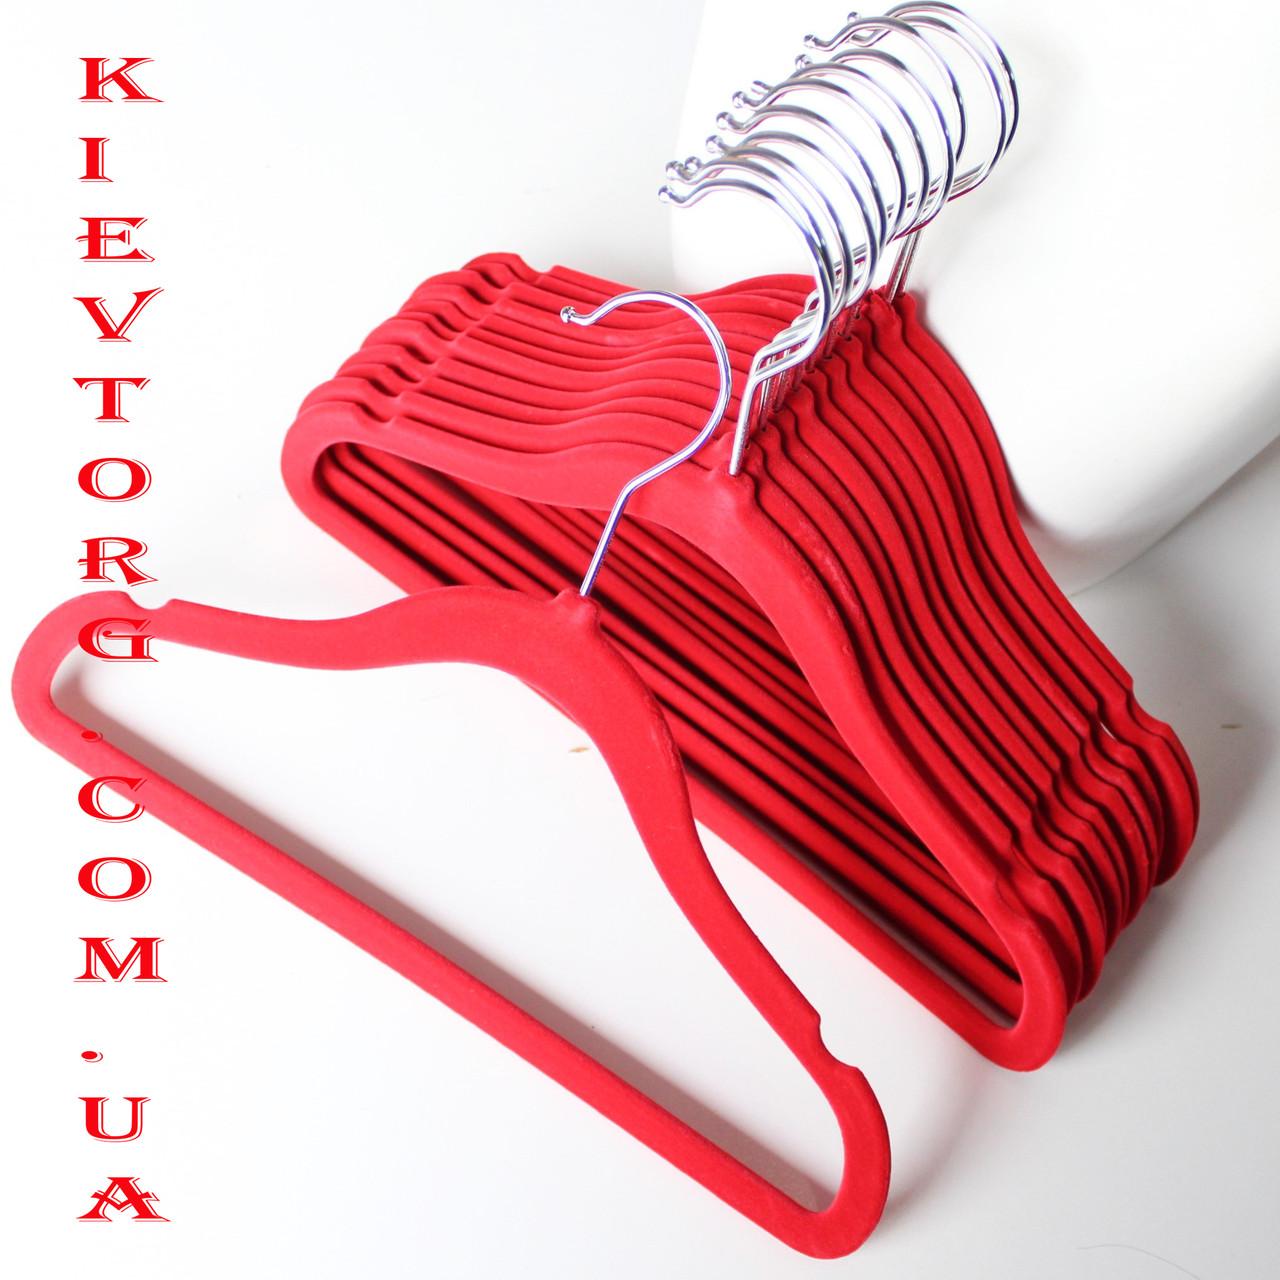 Вешалки детские флокированные (бархатные) 30 см, плечики красные